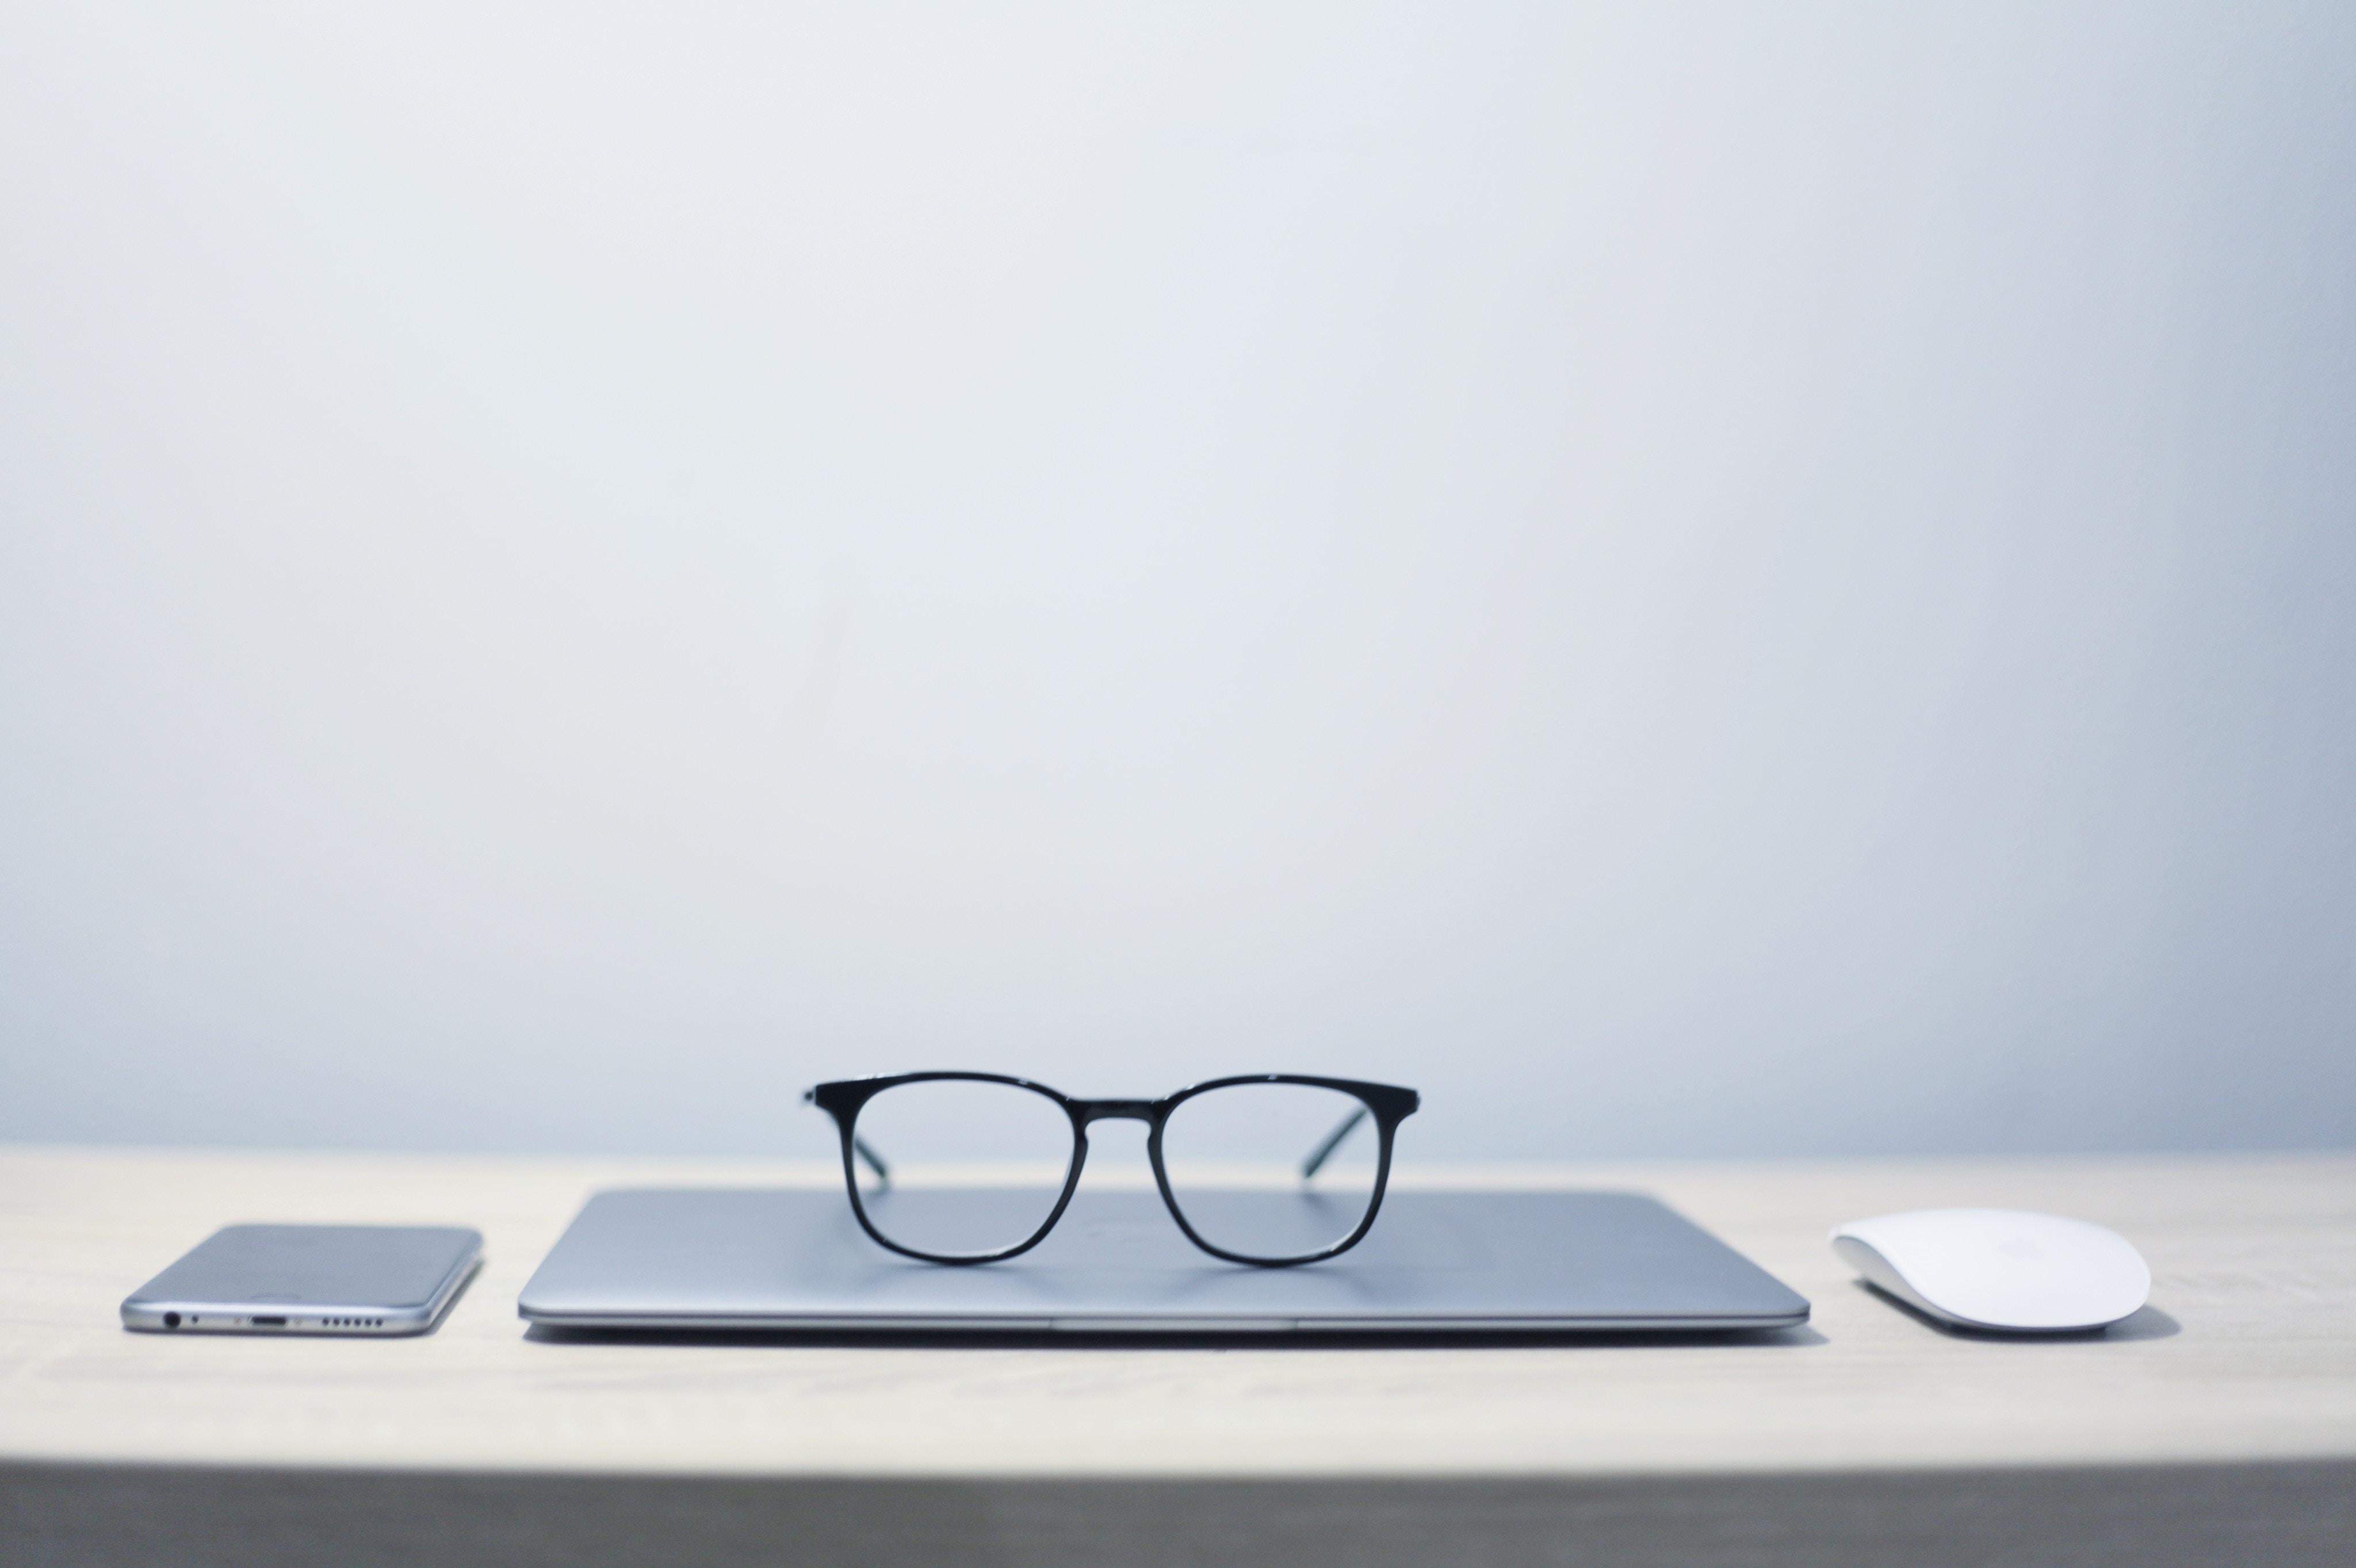 EU-Kommission: Gesetz zur Filterpflicht für Online-Plattformen kommt ...